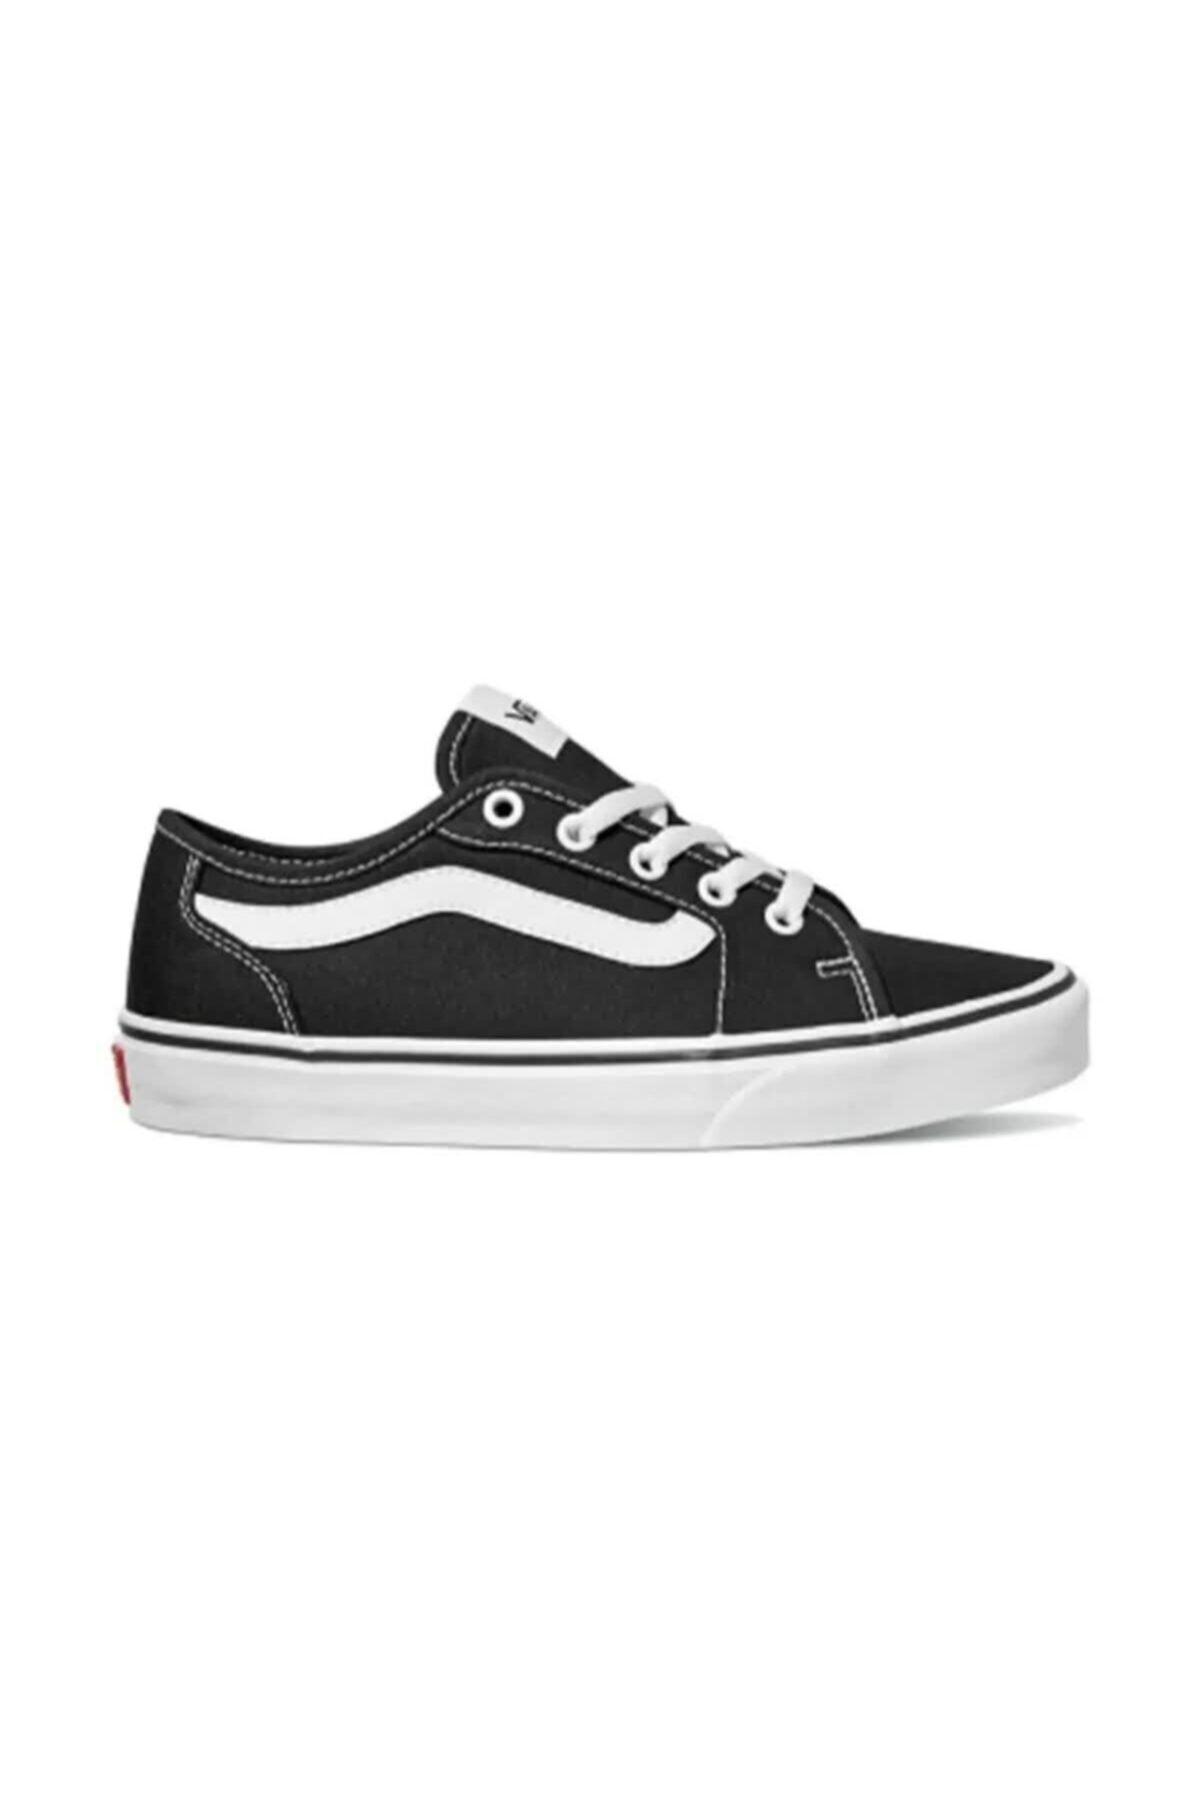 Vans WM FILMORE DECON Siyah Kadın Sneaker Ayakkabı 100580590 1